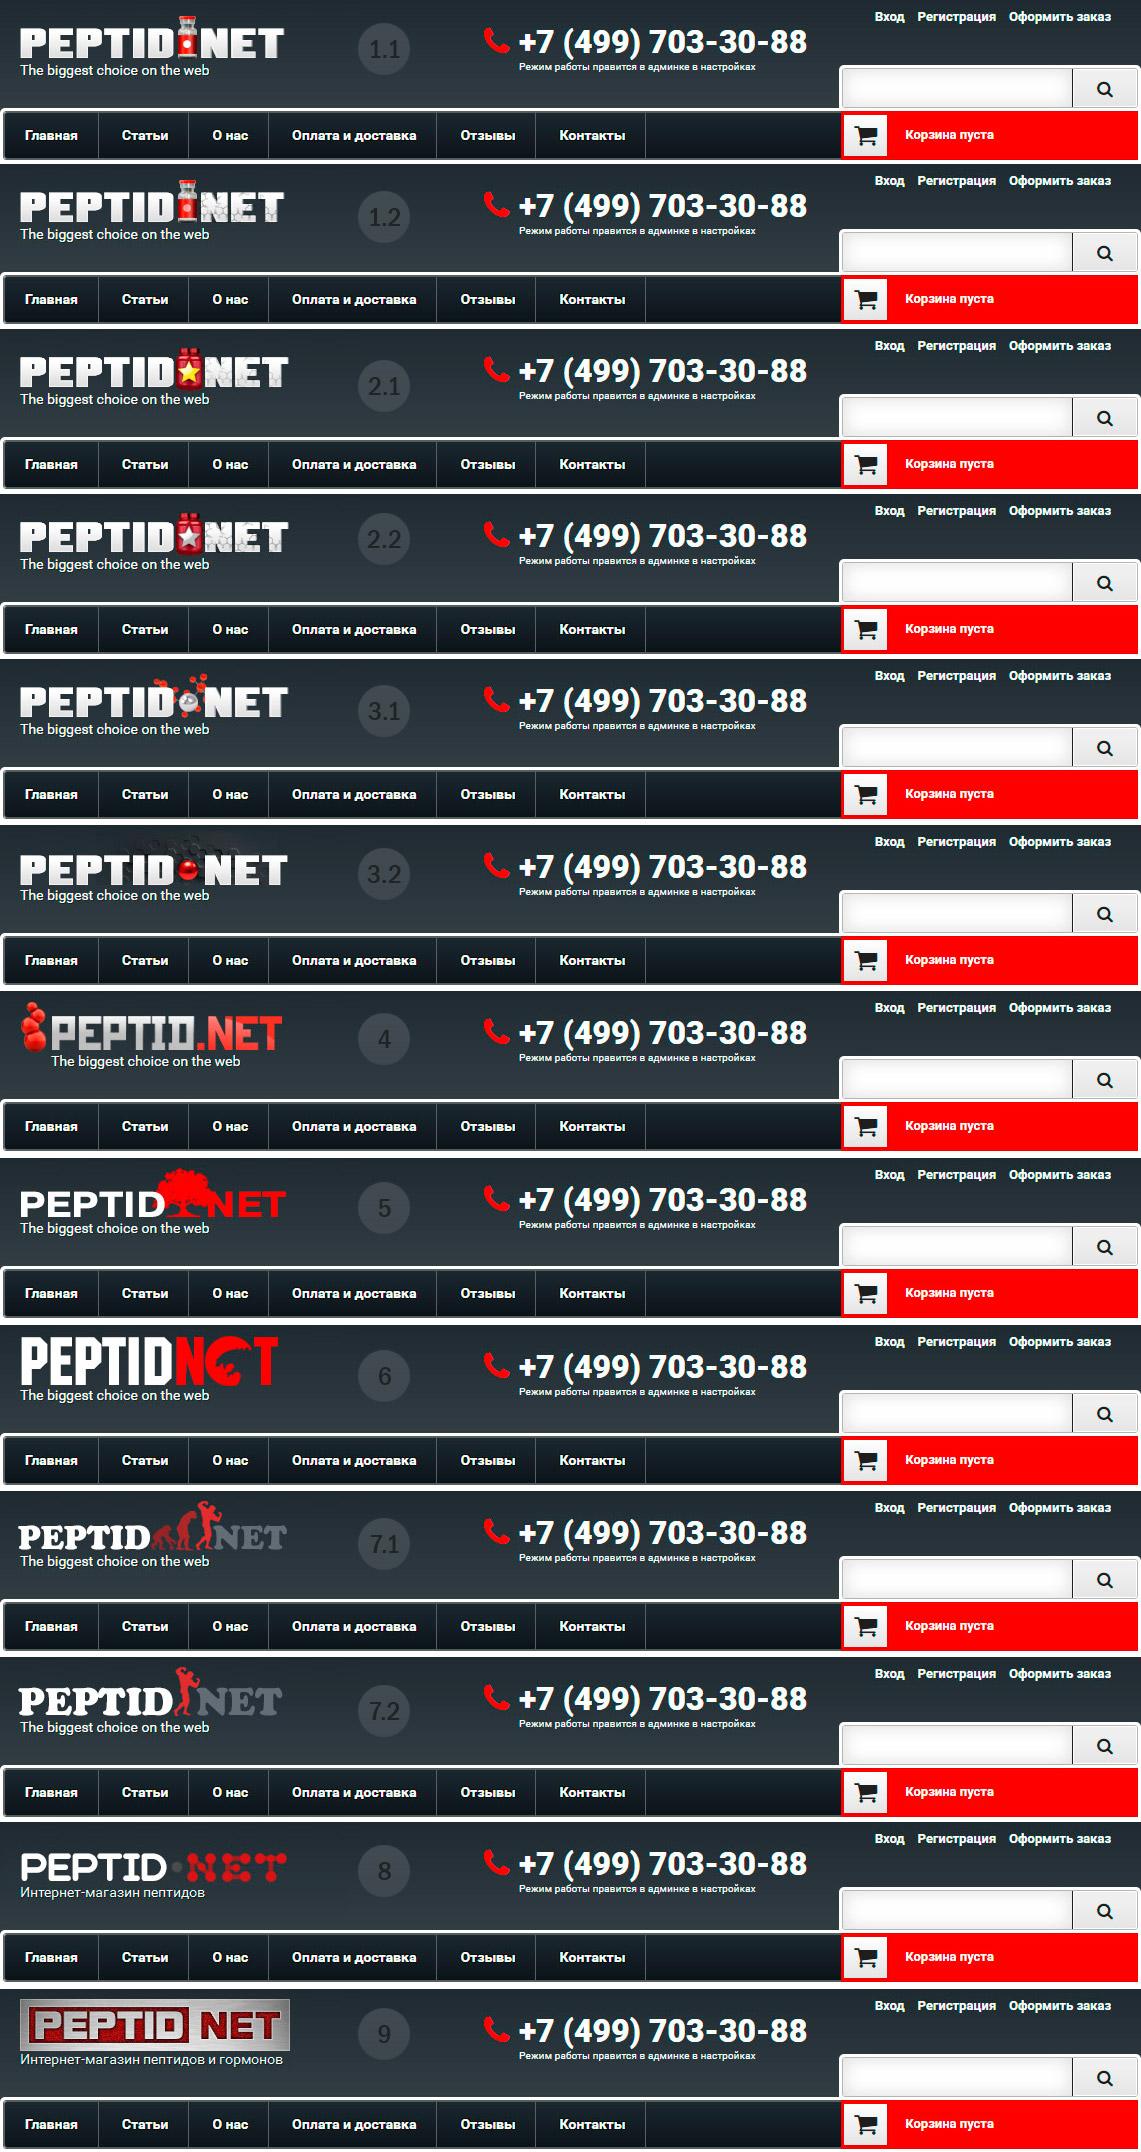 Логотип для сайта PEPTID.NET - варианты 1-9